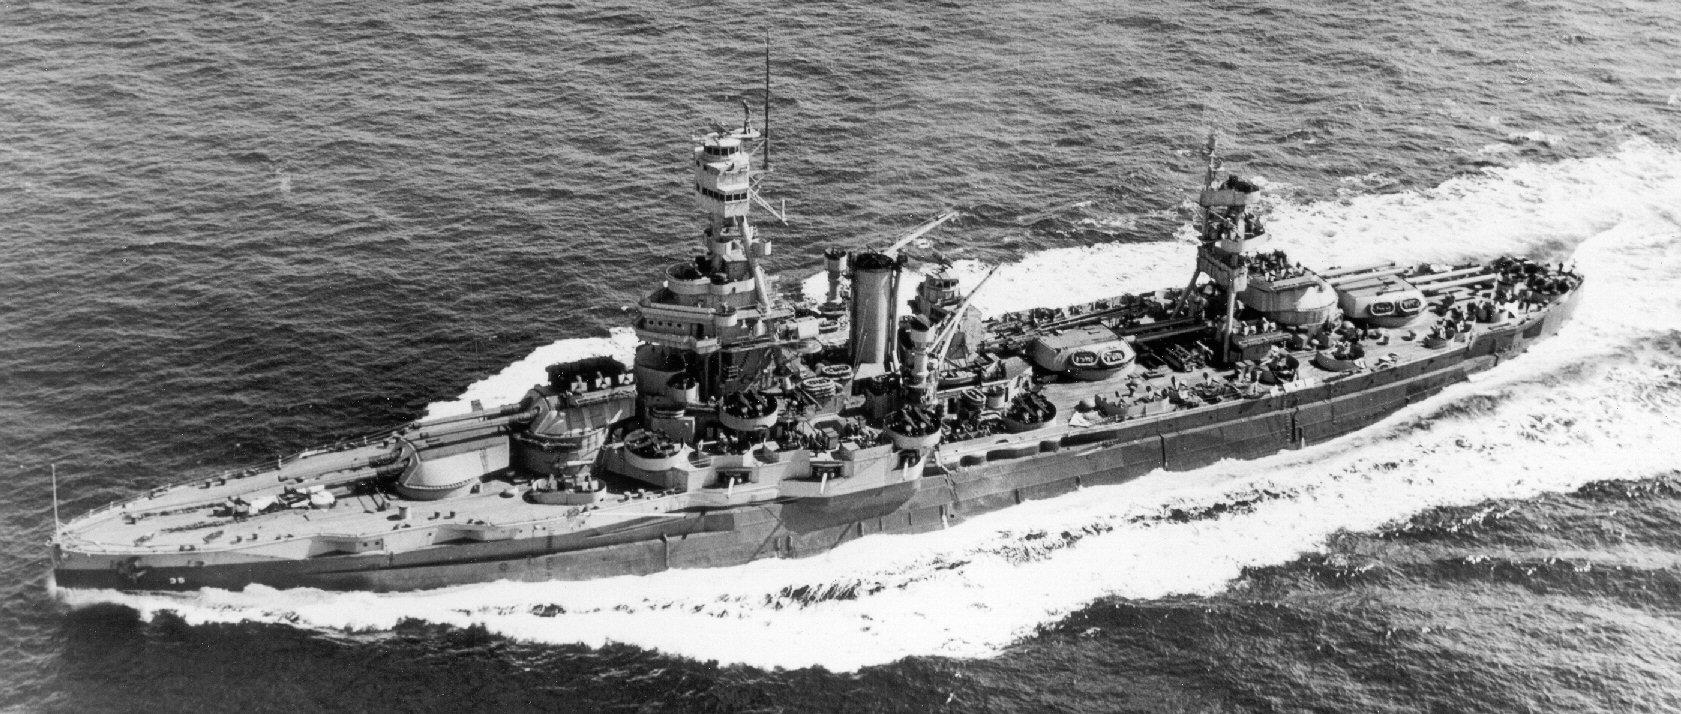 Battleship Texas Bb35 World War Ii Cherbourg Battle